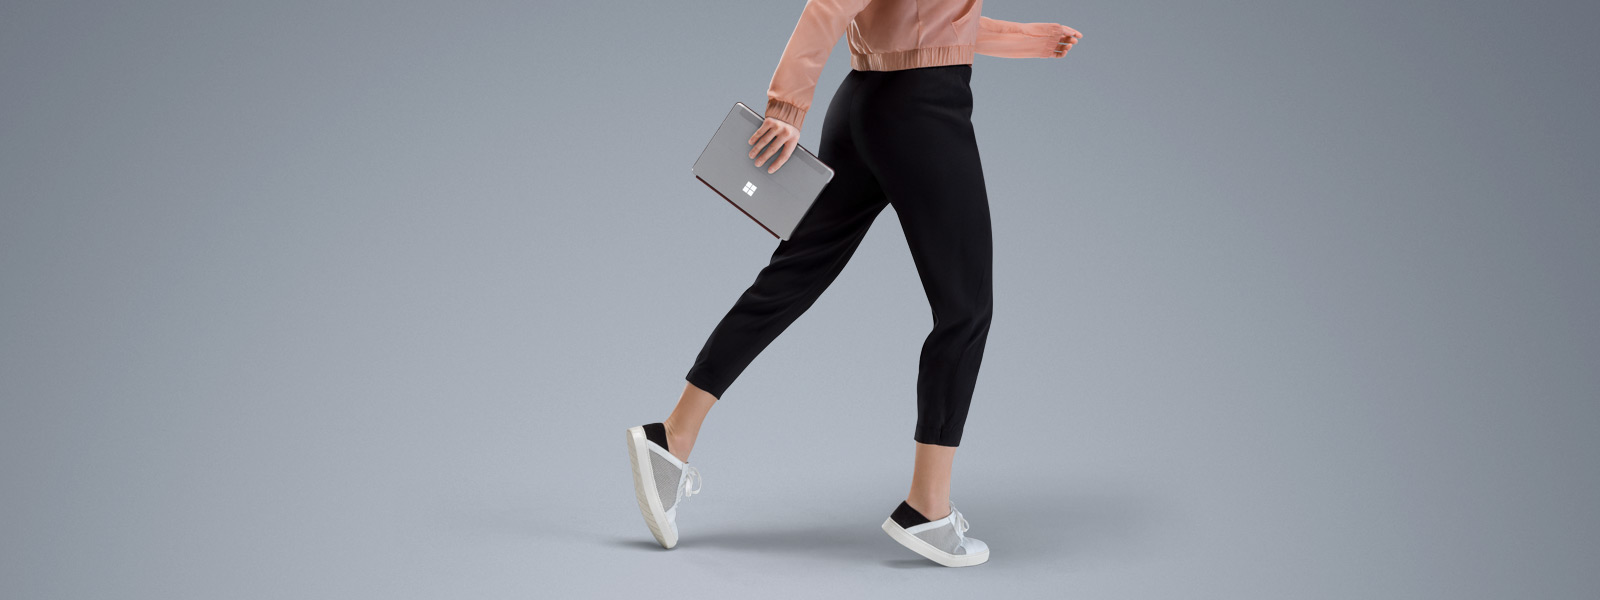 걷고 있는 여자아이가 들고 있는 Surface Go